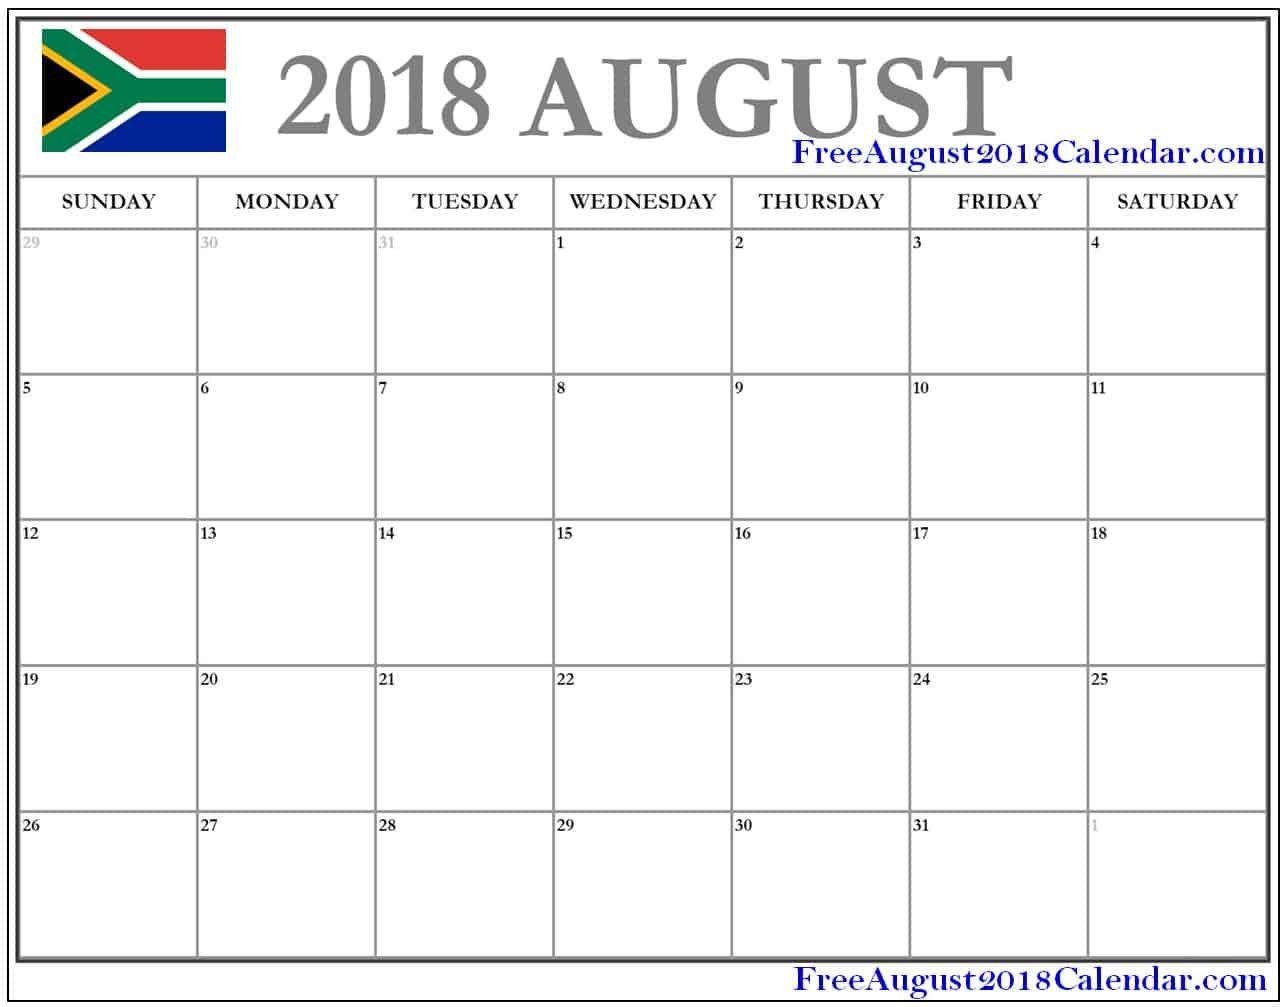 August 2018 Calendar South Africa 2018 calendar template